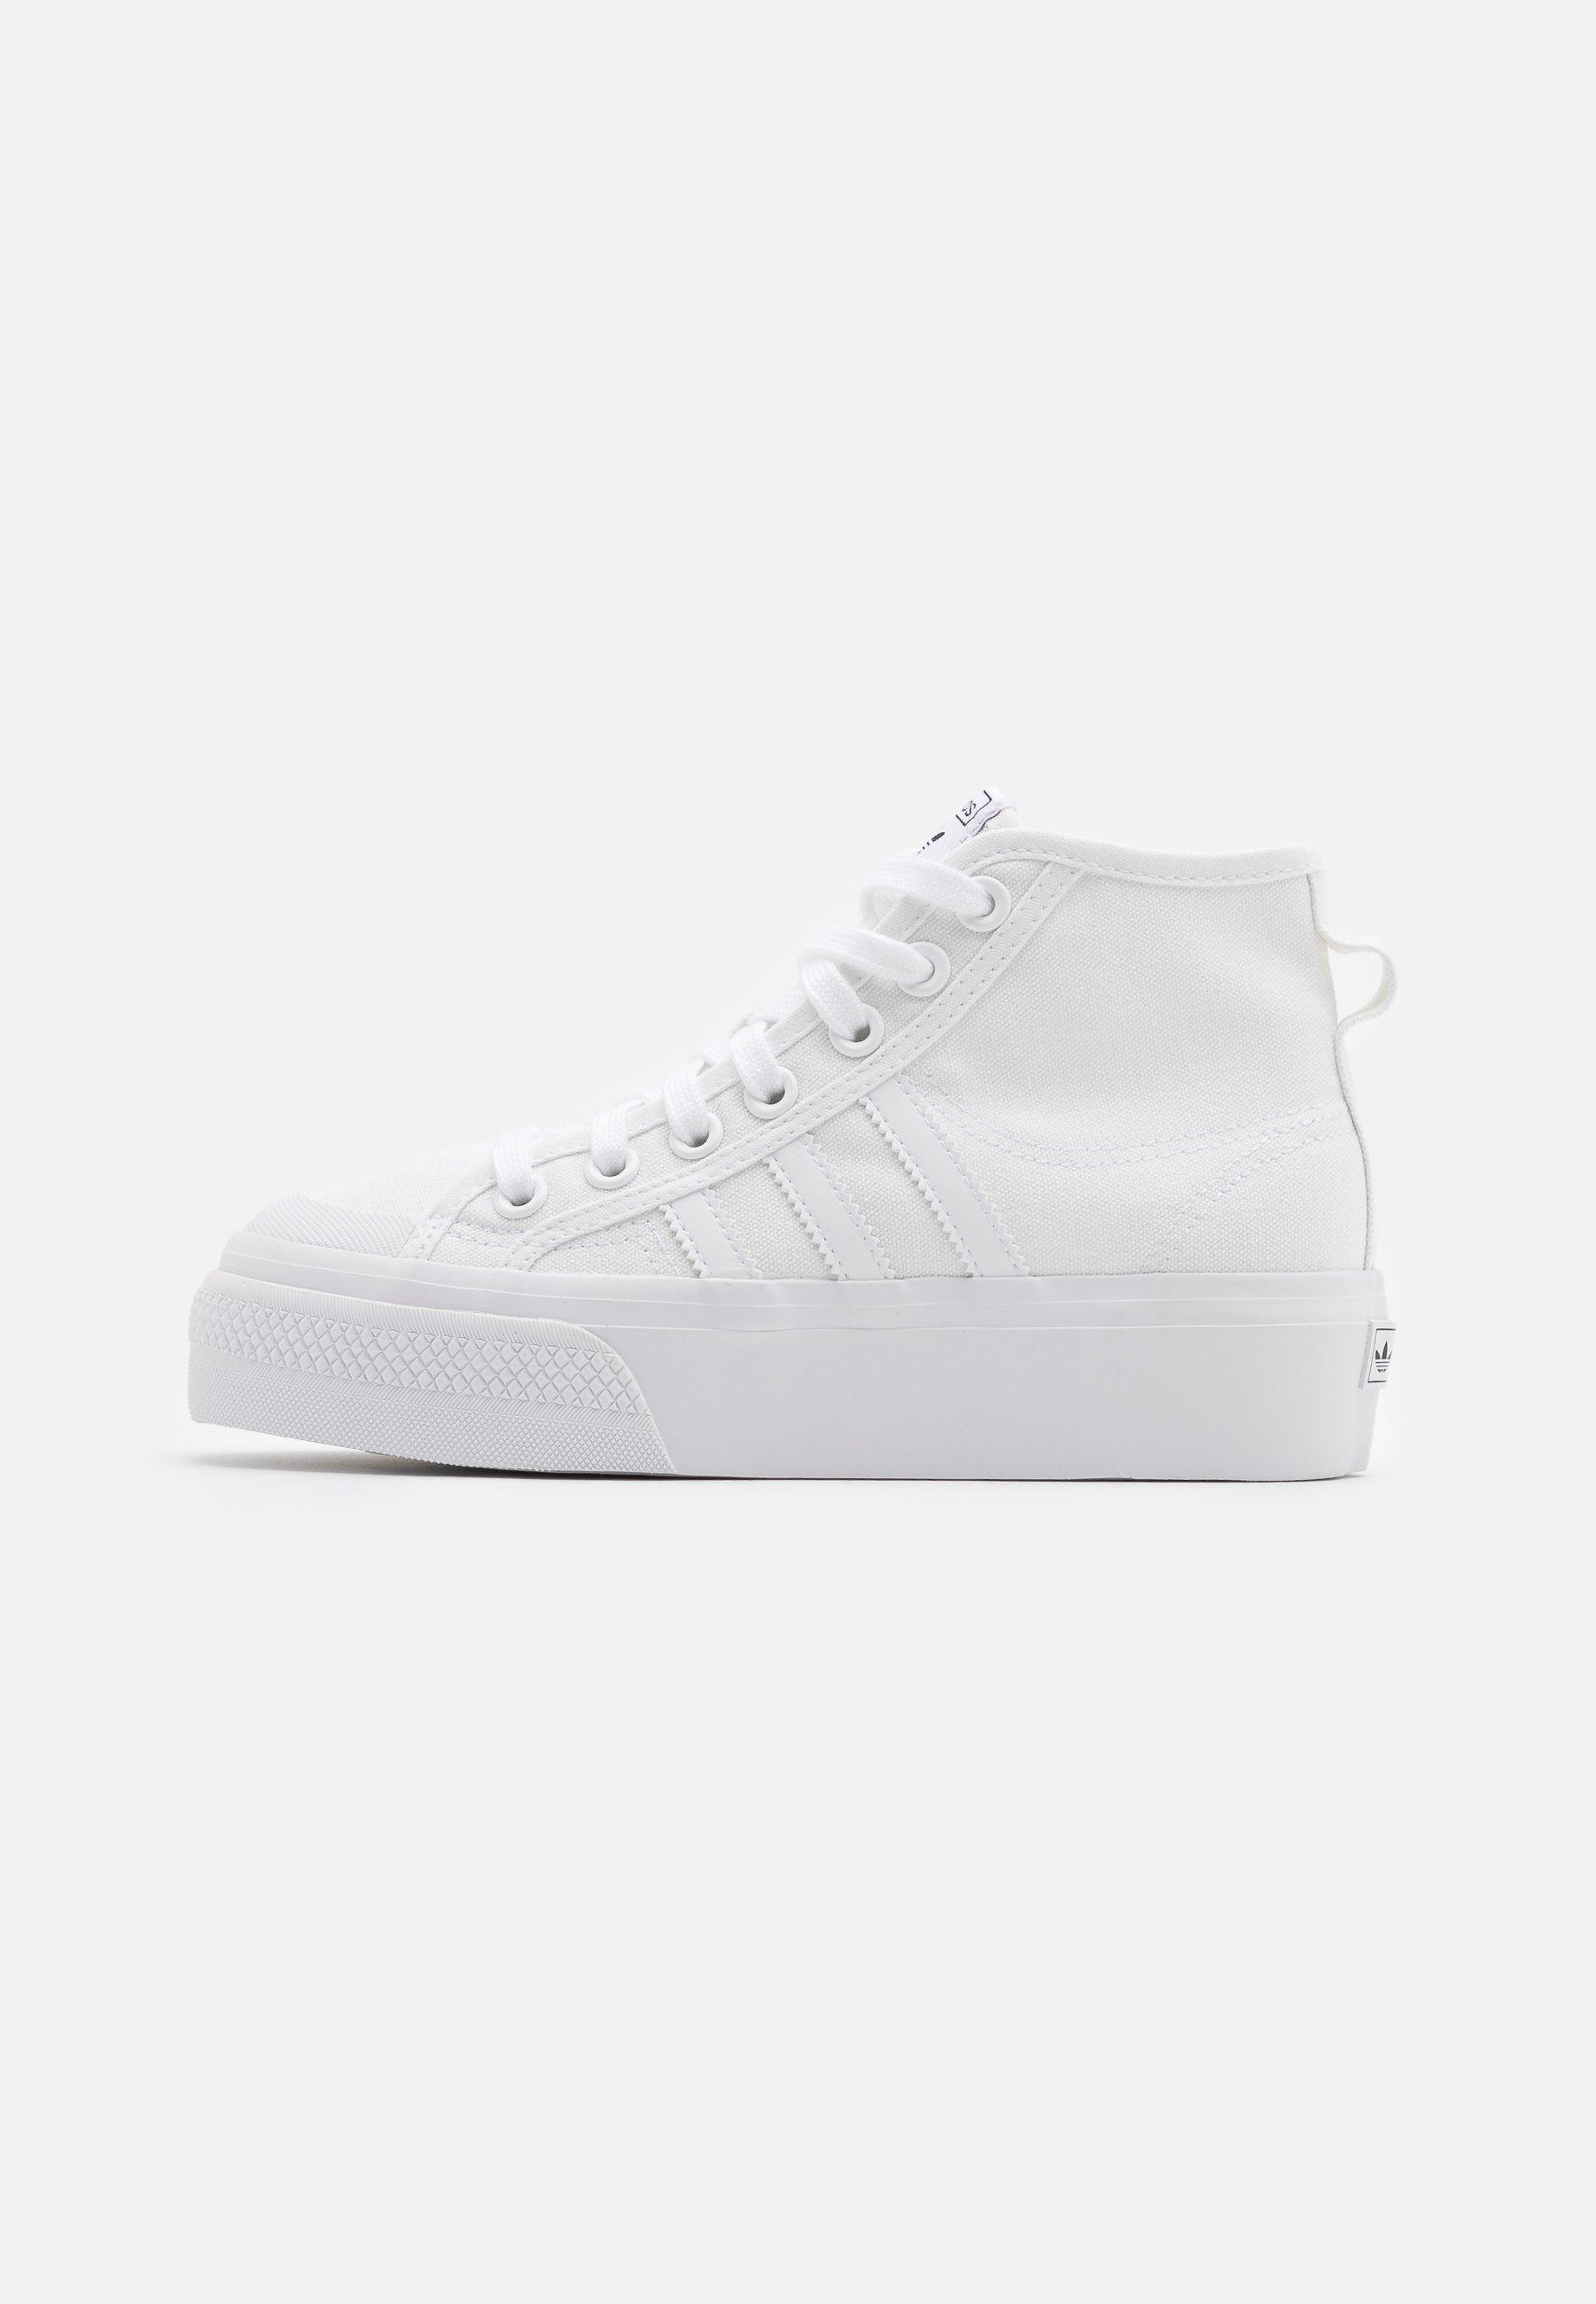 Adidas Sneaker high für Damen | So machst du deinen